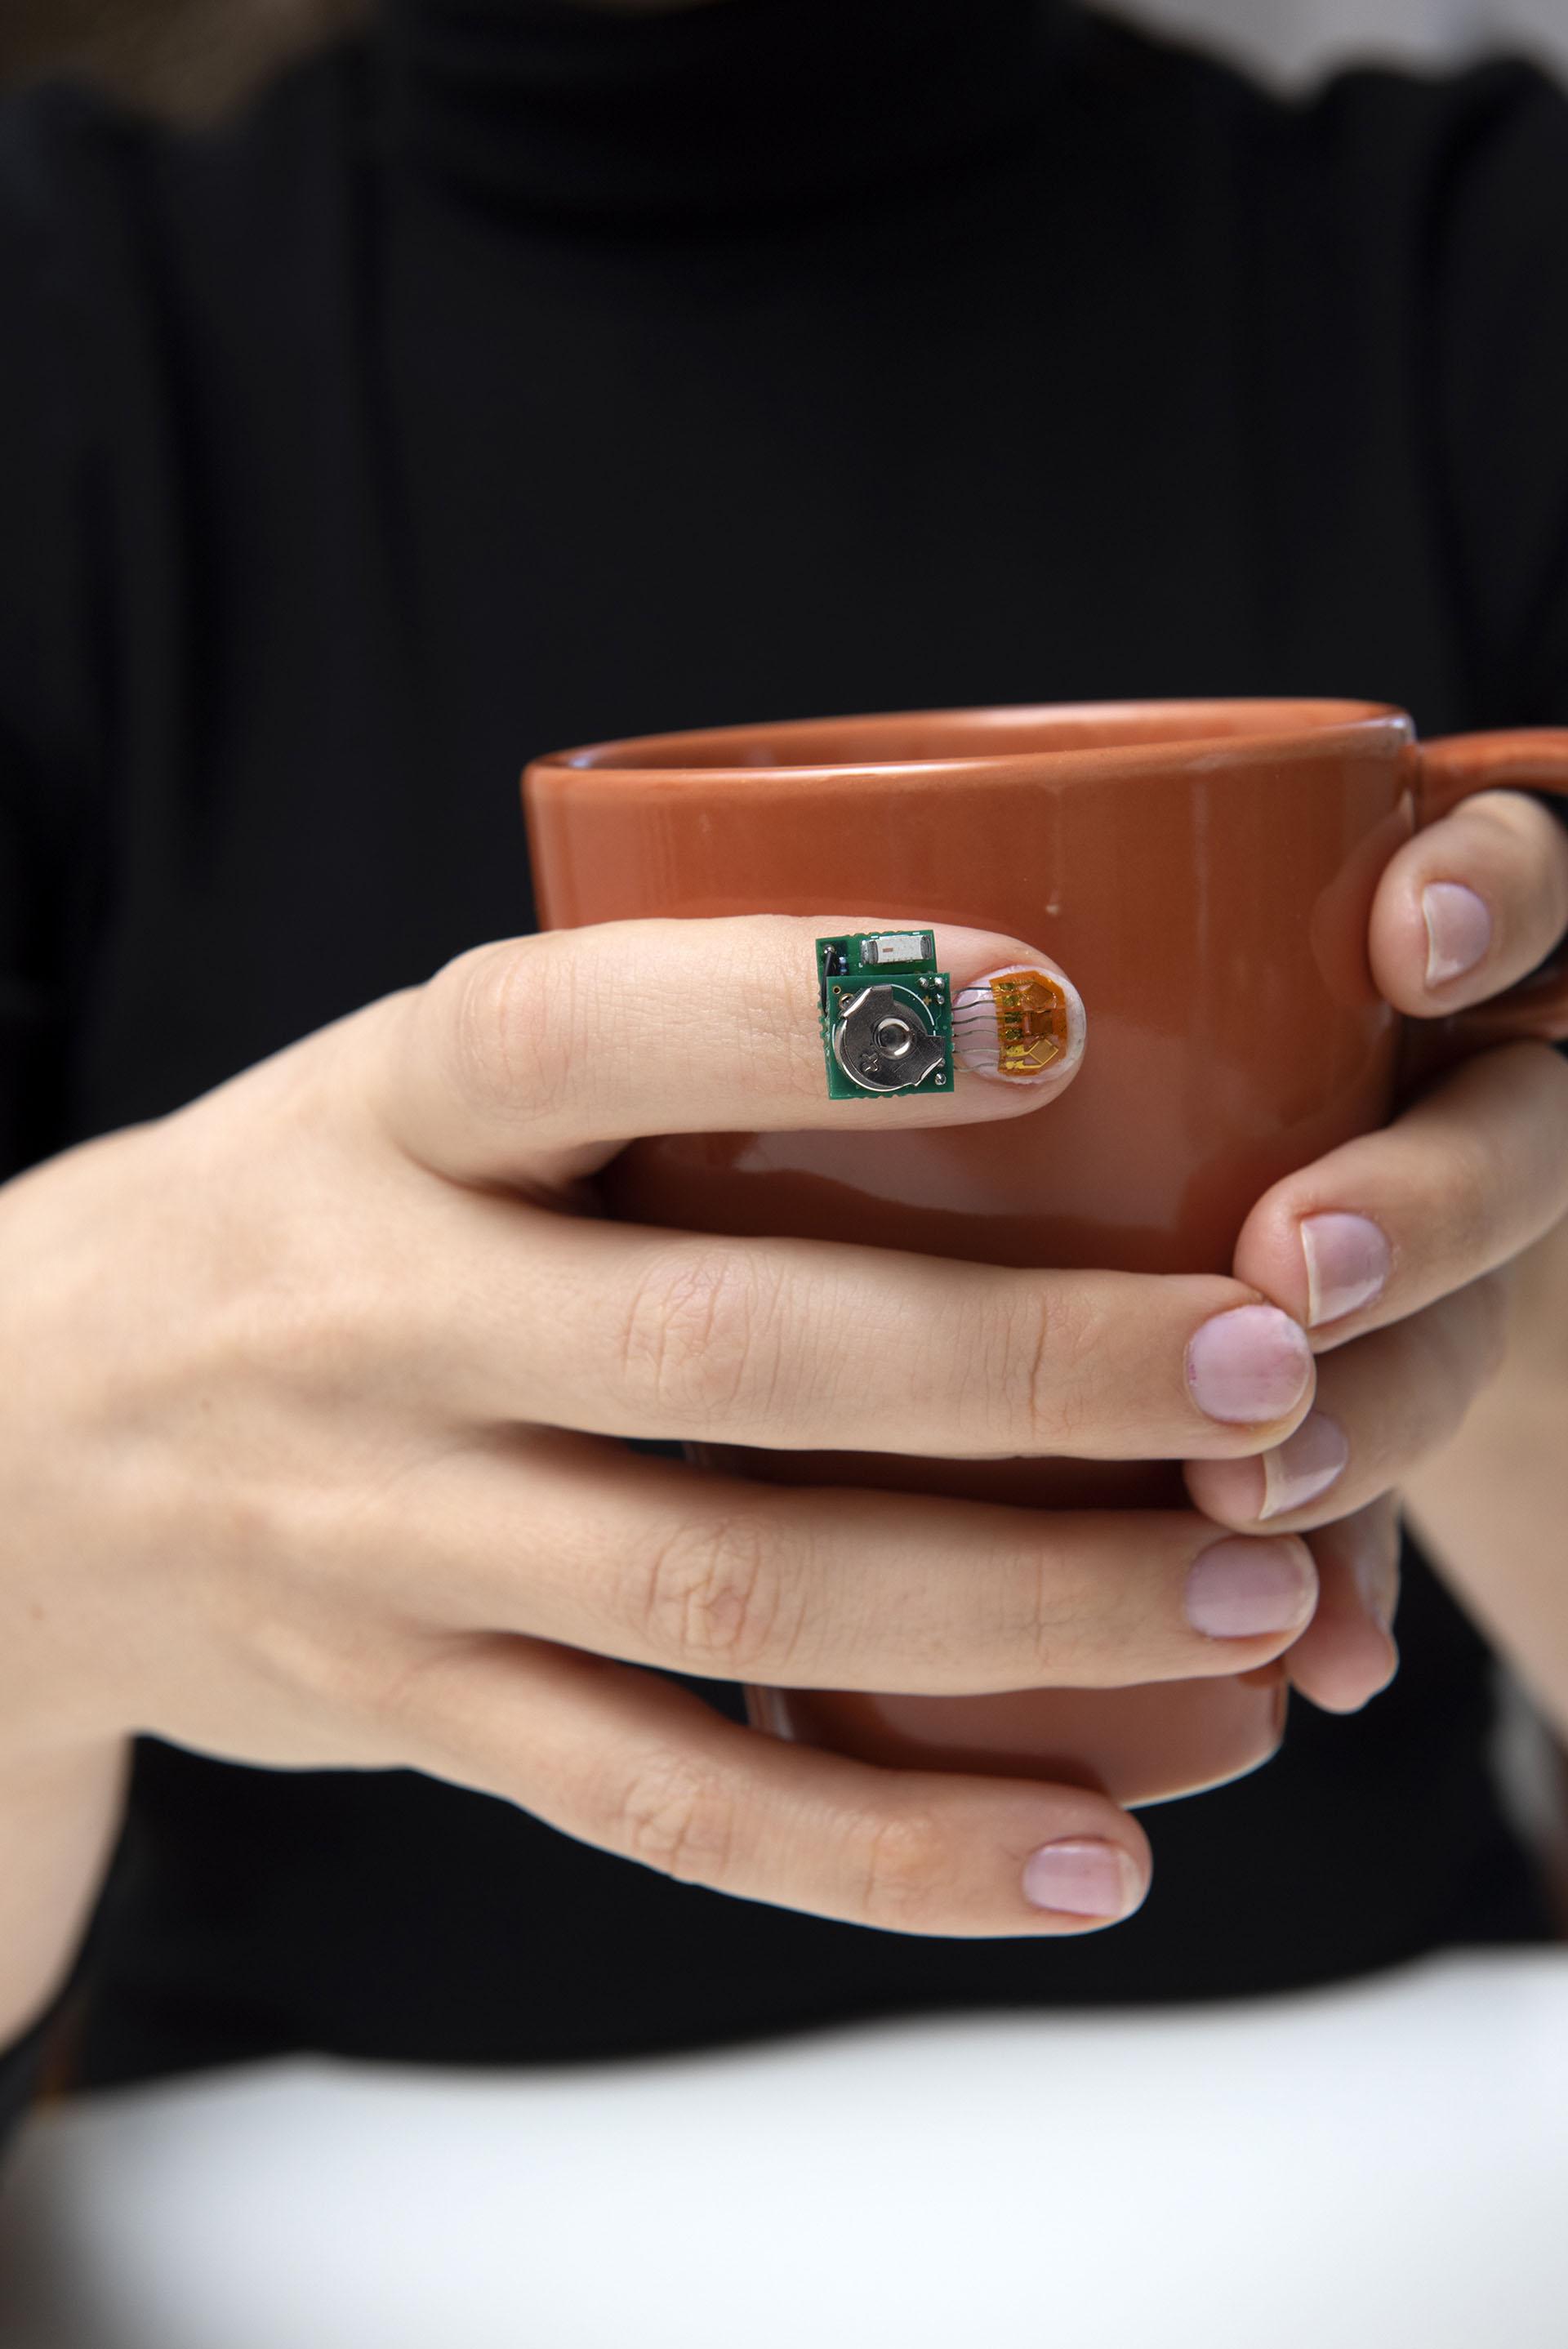 IBM dio a conocer un sensor para las uñas que monitorea los movimientos de la mano y apunta a ayudar a las investigaciones sobre el Parkinson.